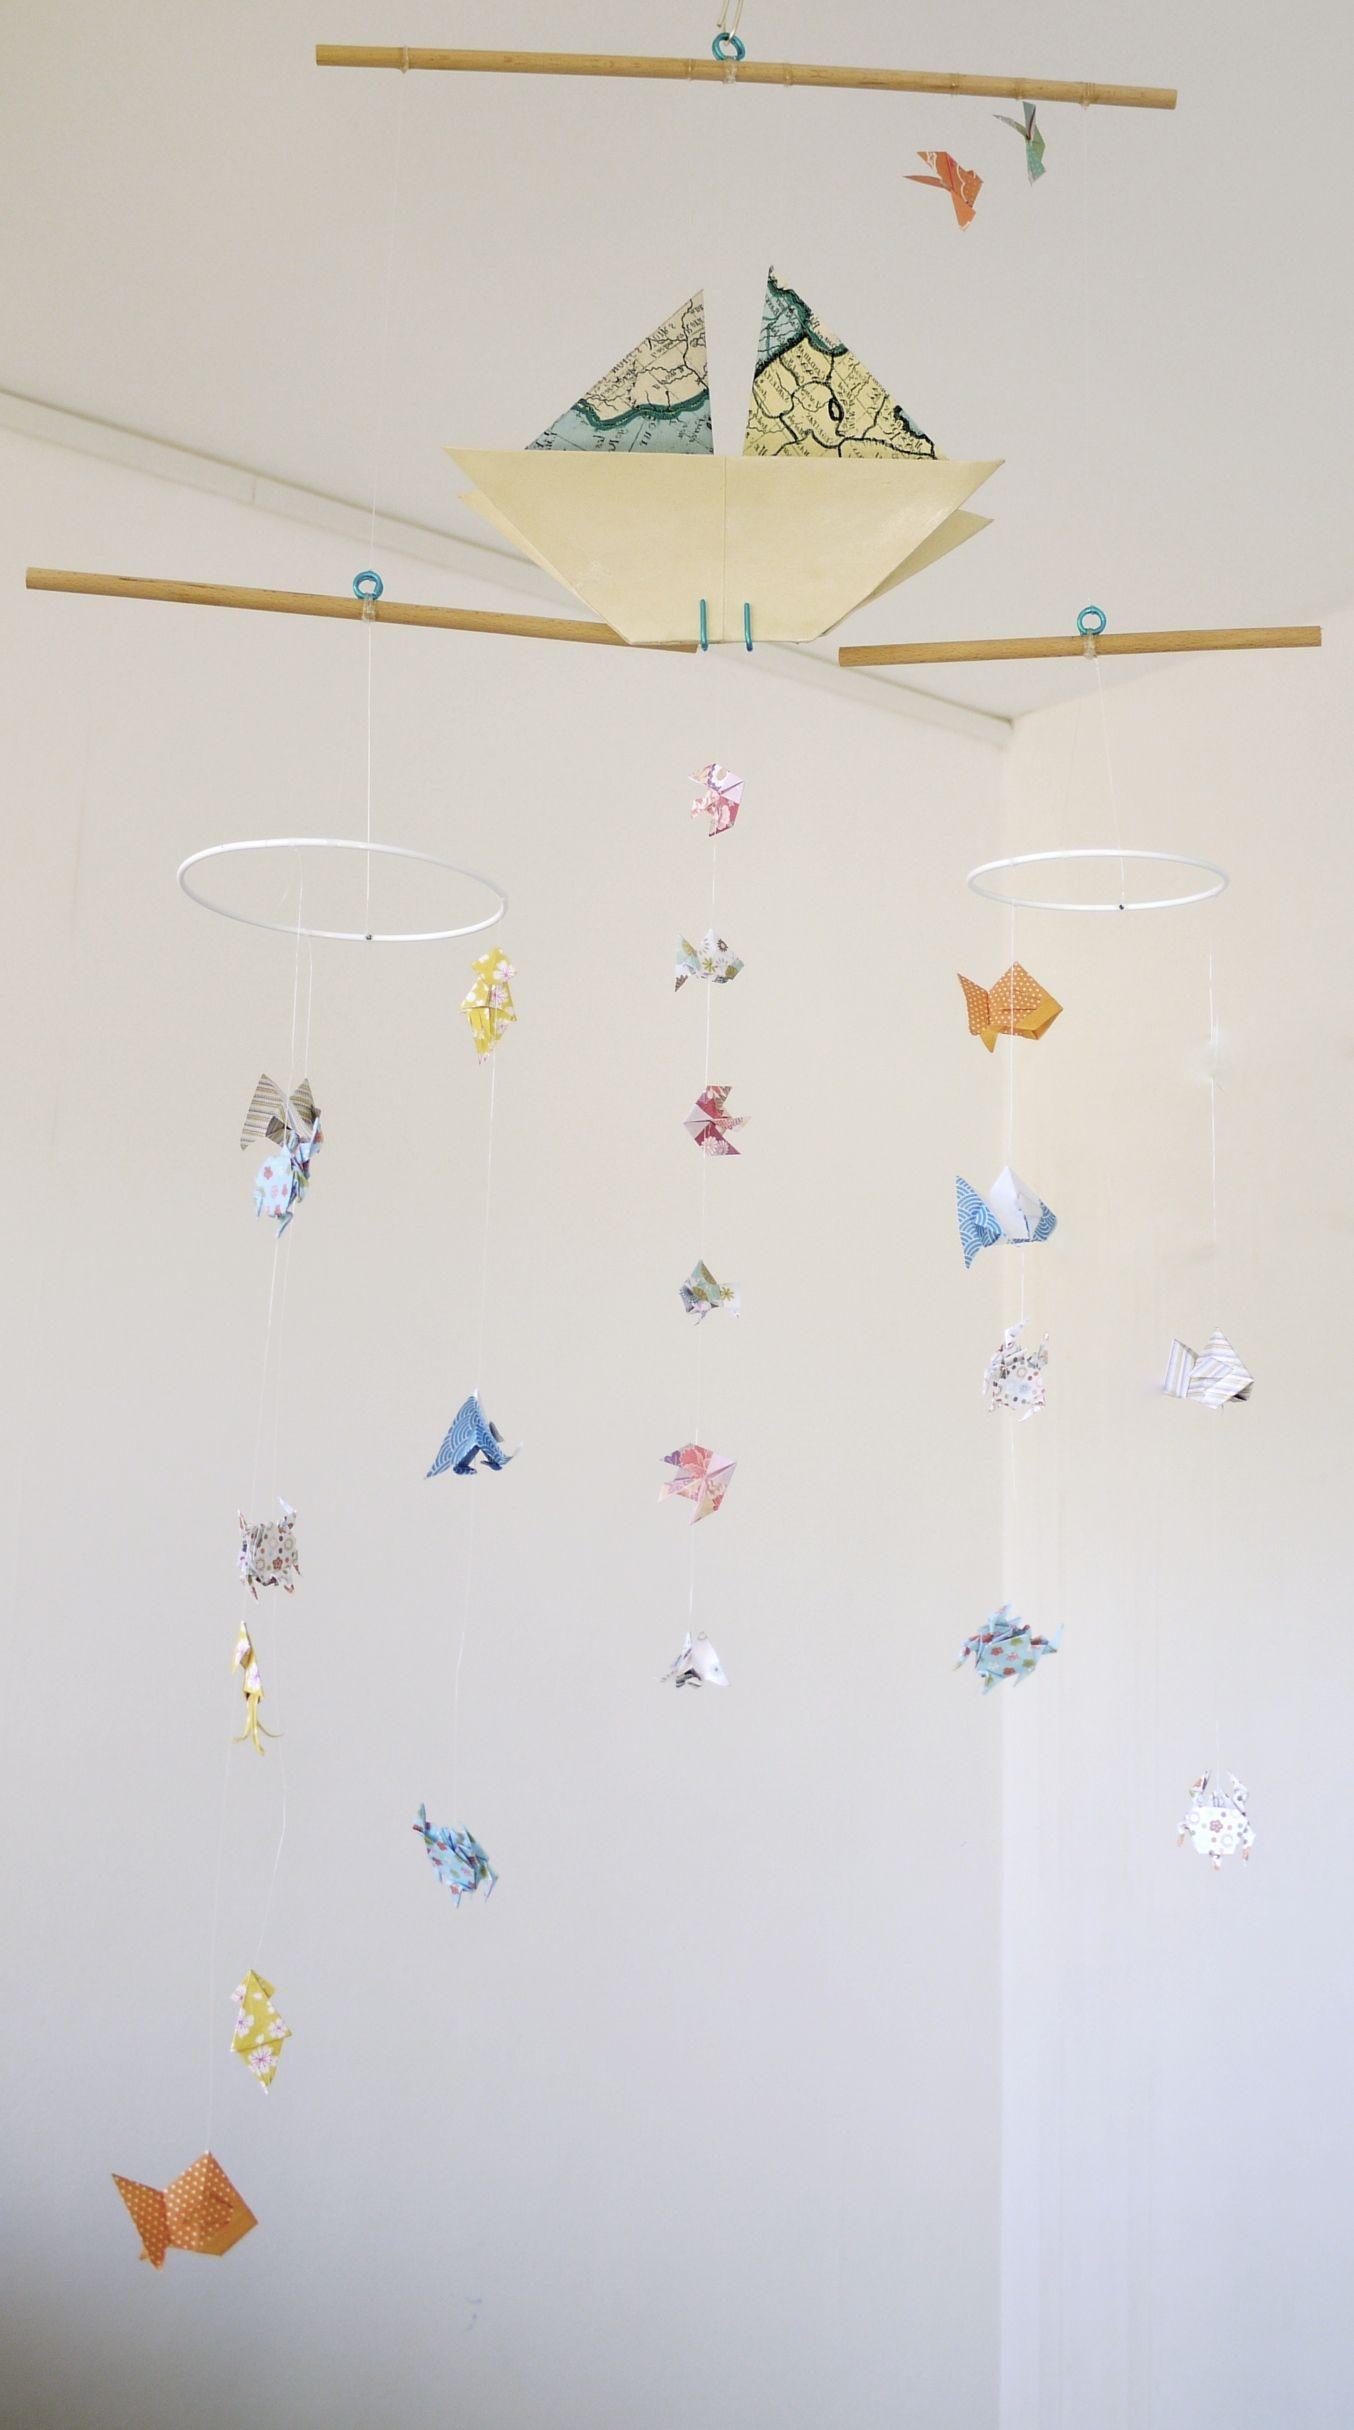 Mobile Bebe Origami Suspension En Bois Chambre Enfant Bateau Voilier Poisson Meduse Babyshower Bleu Beige Jaune Orange Accessoires Bebe Par Parisdepapiers